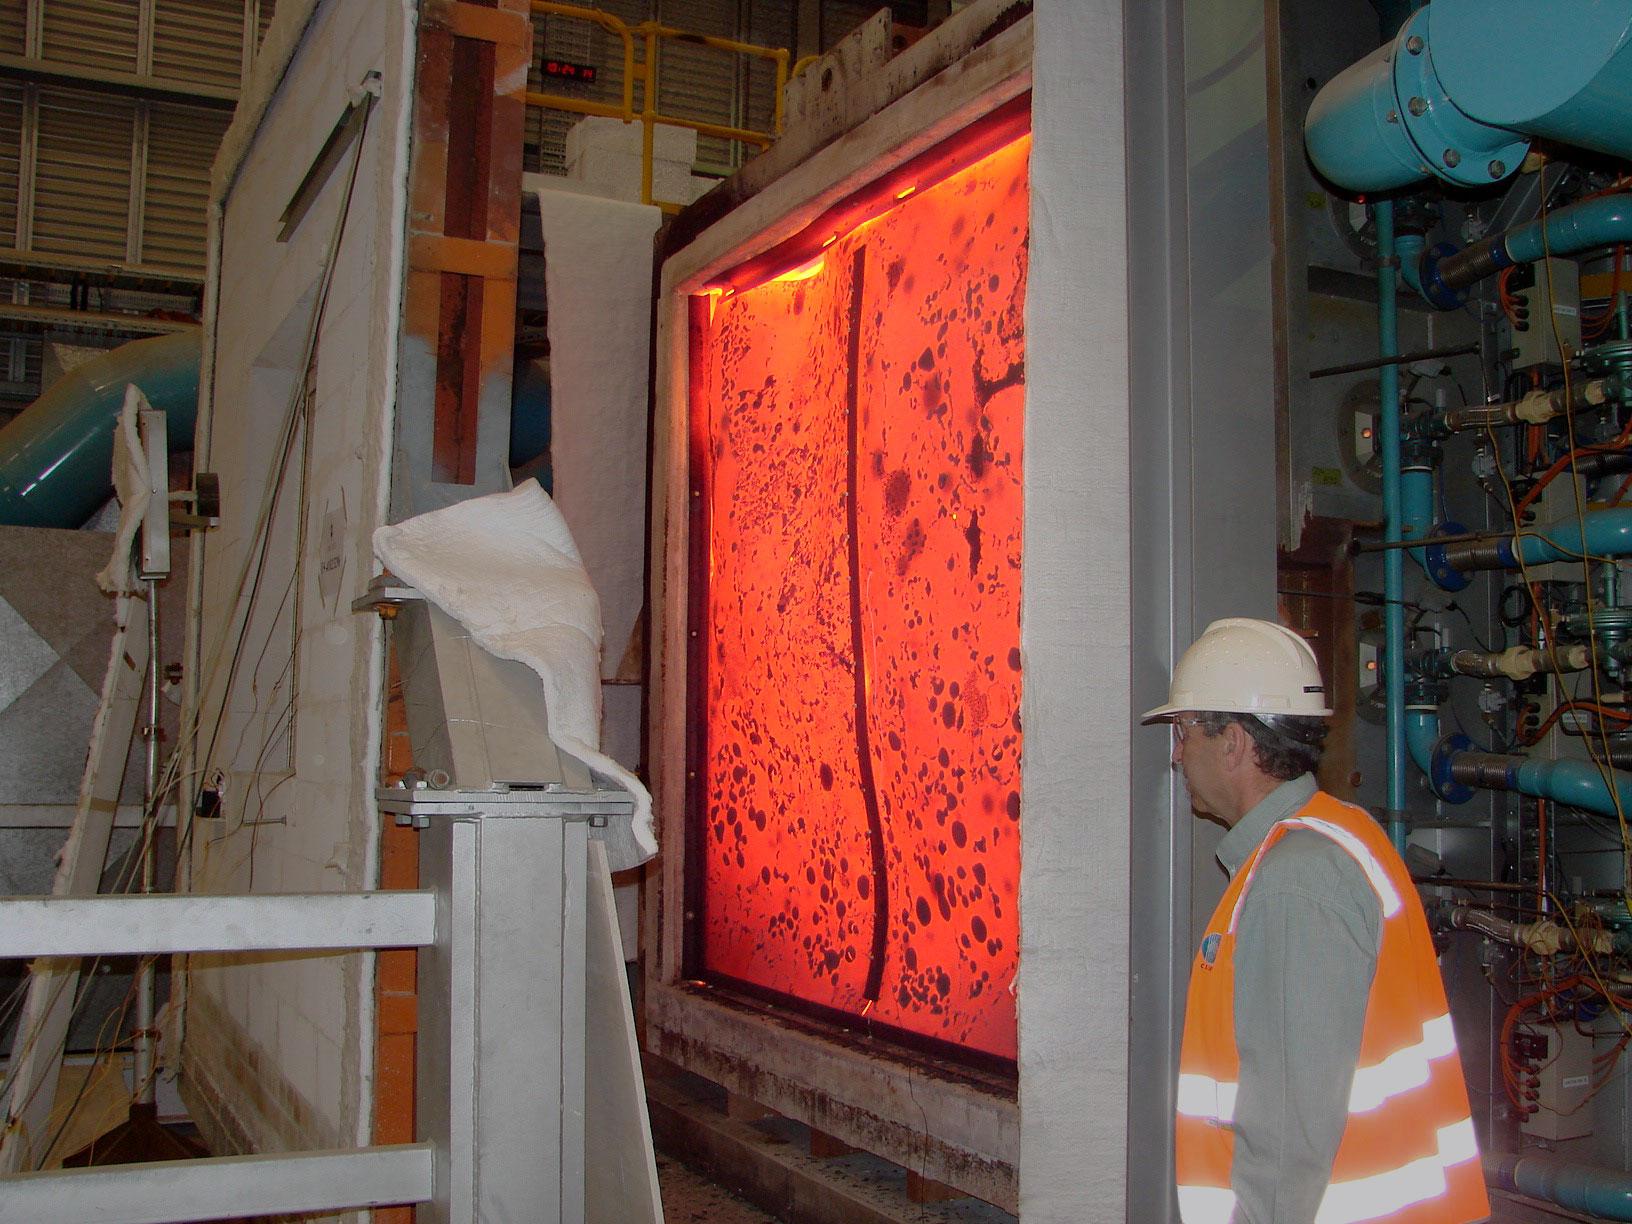 La instalación de pruebas de incendio de CSIRO incluye un horno de gas para probar la resistencia de los nuevos materiales de construcción.